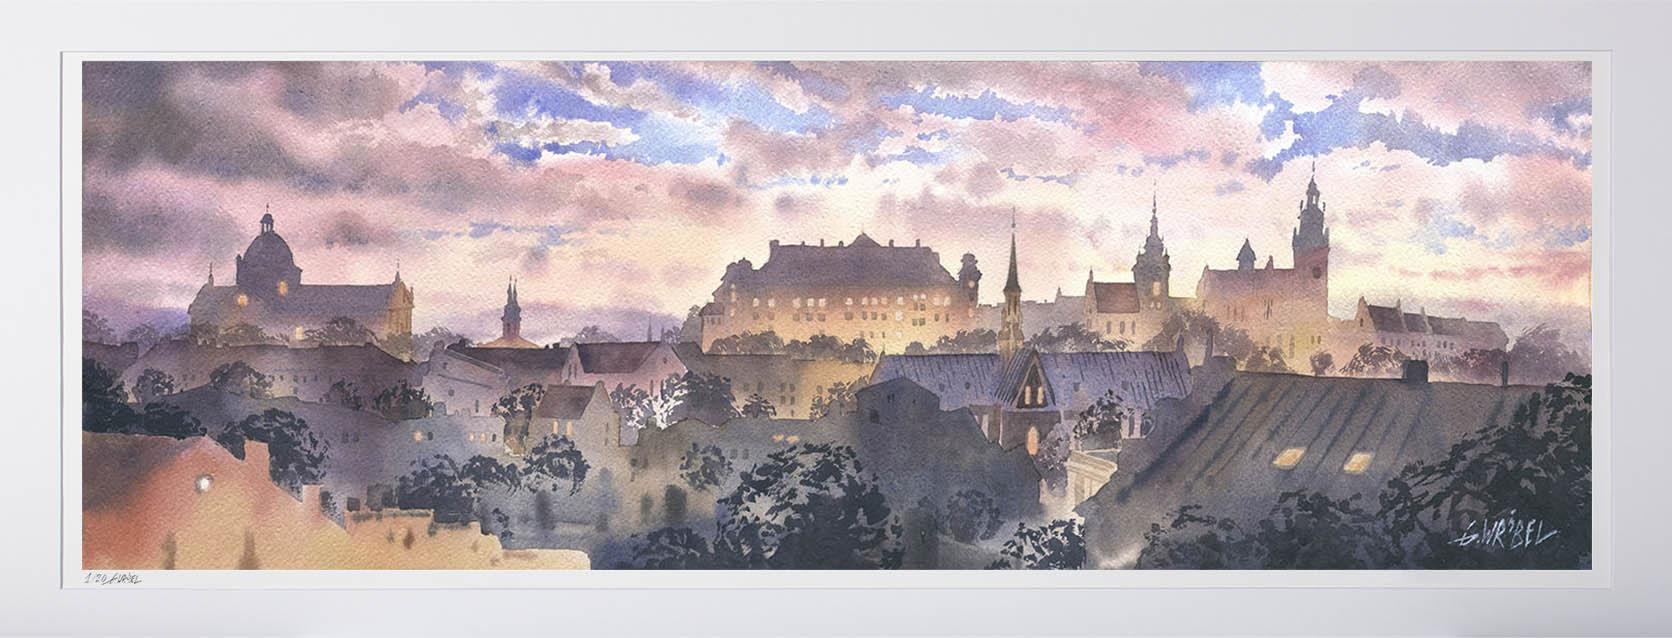 Grzegorz Wróbel - inkografia bez oprawy Kraków panorama